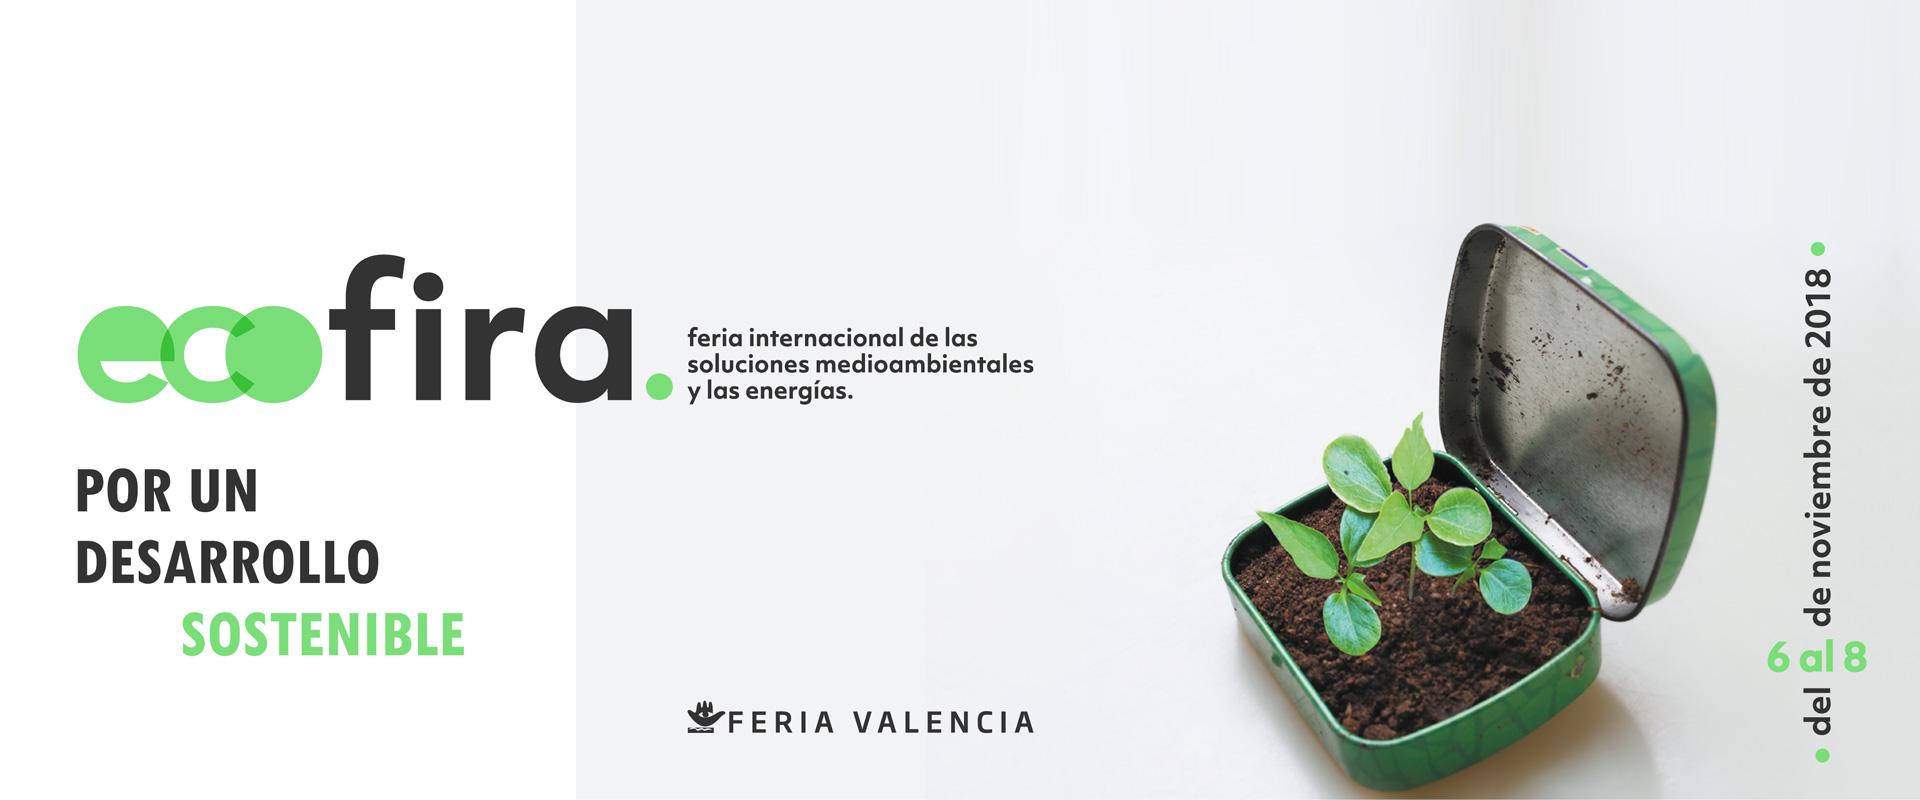 Feria Valencia acogerá la 16ª Feria Internacional de las Soluciones Medioambientales 1